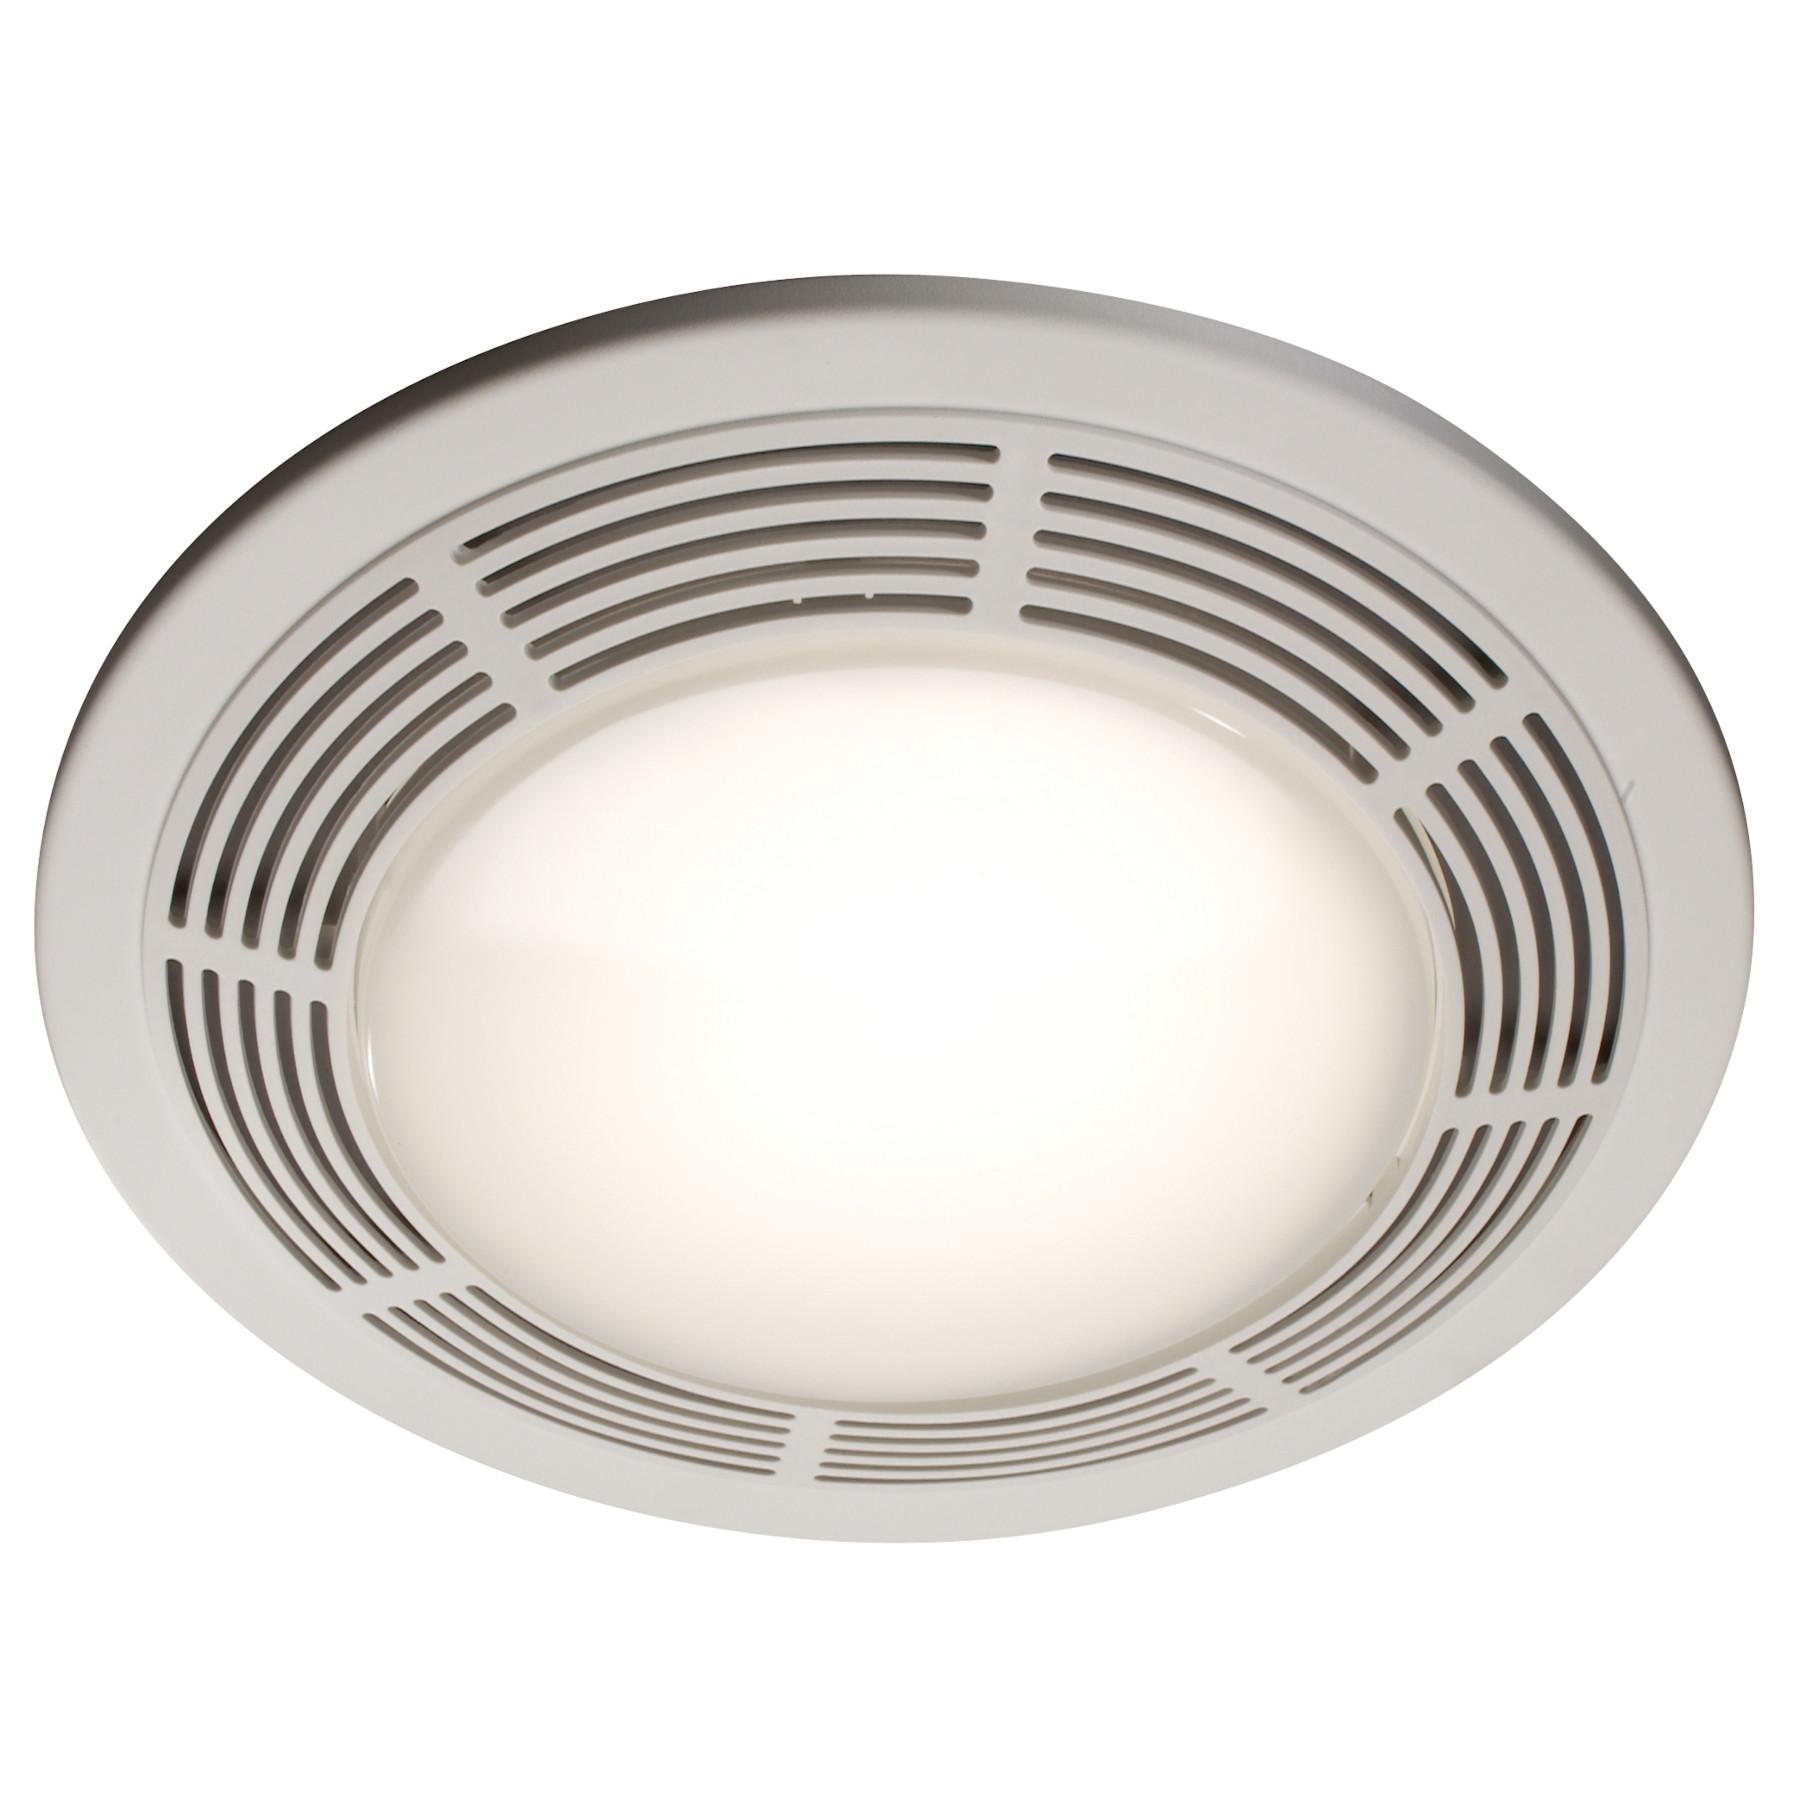 750 broan ventilation fan w light and